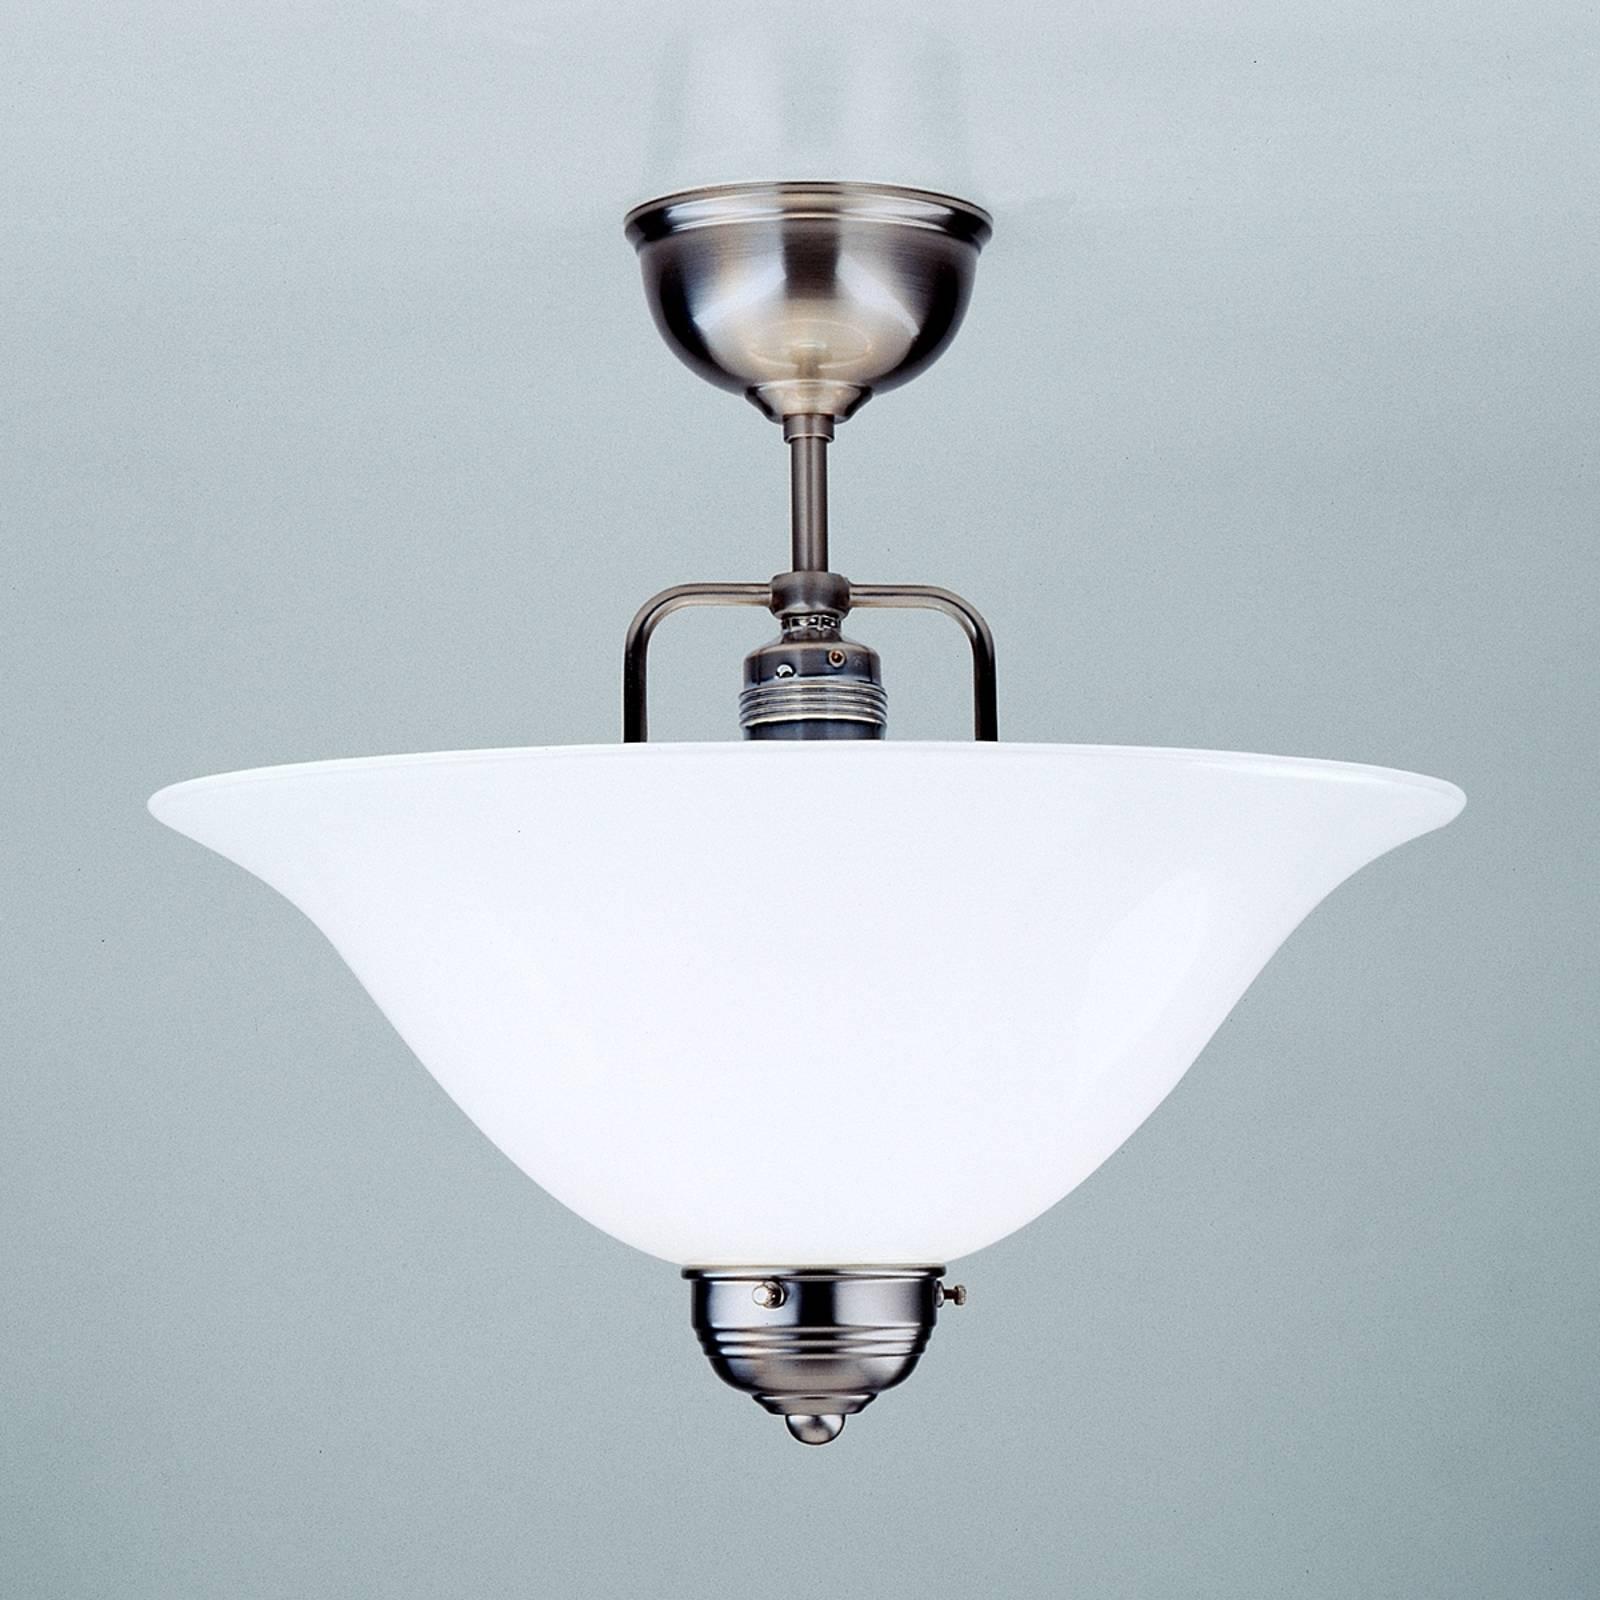 Lampa sufitowa ROSA wykonana ręcznie, niklowy